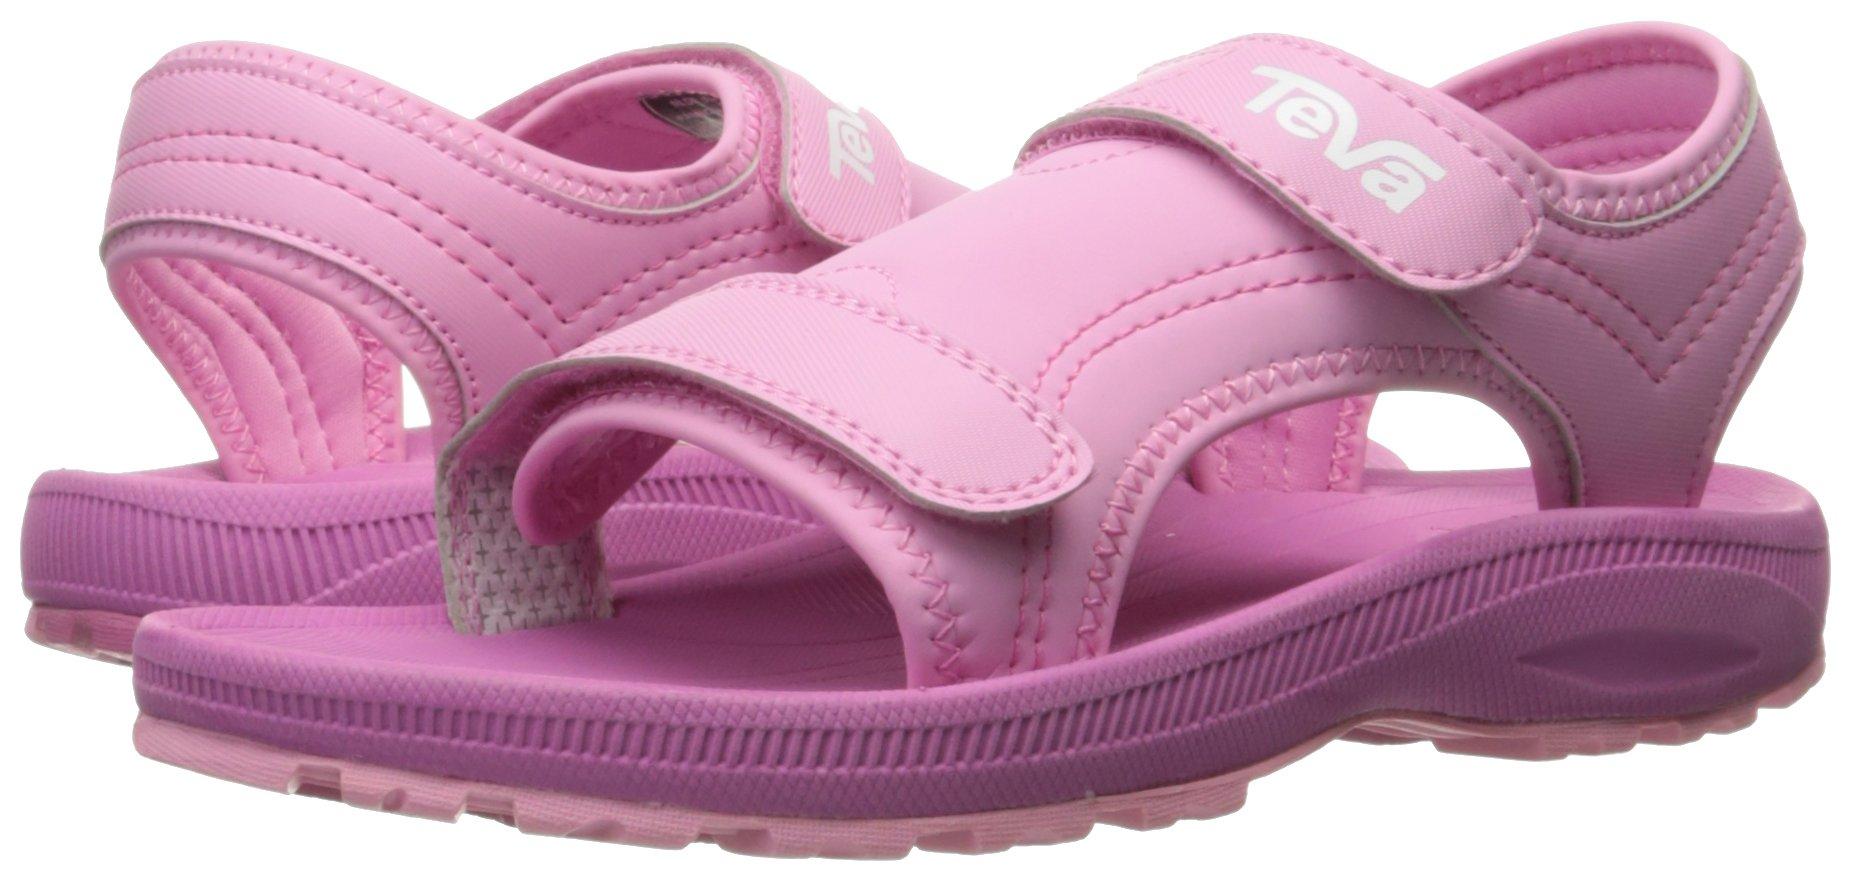 Teva Girls' Psyclone 4 Sandal, Pink, 1 M US Little Kid by Teva (Image #6)